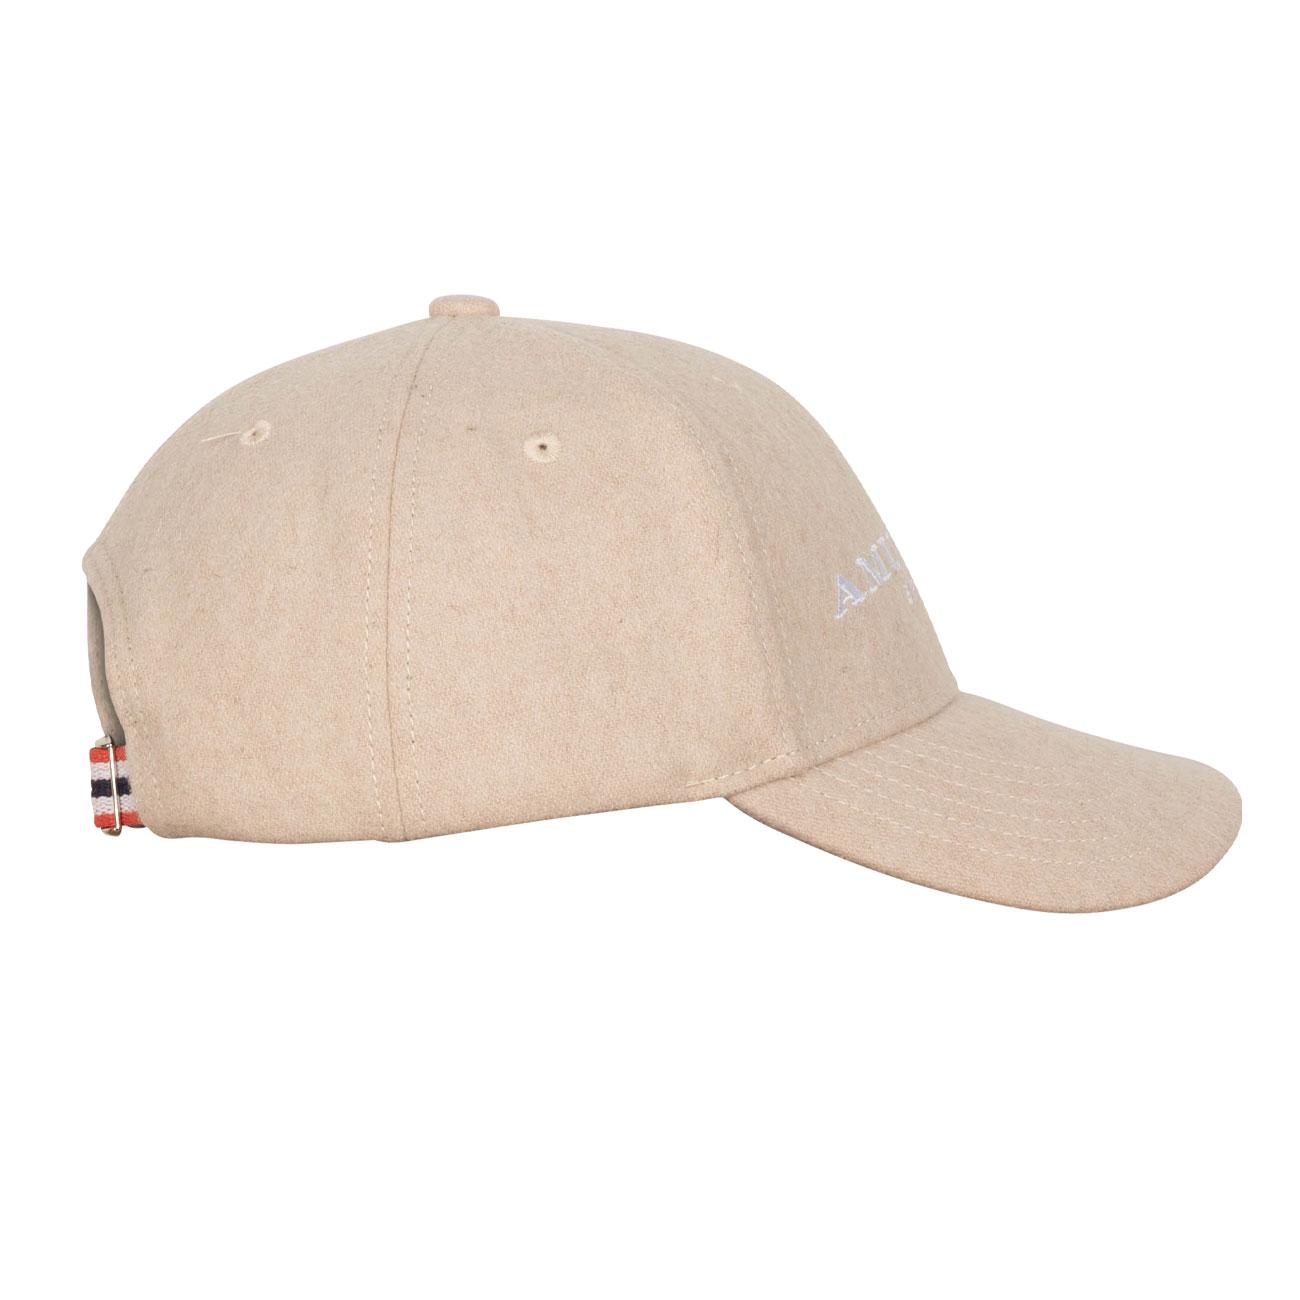 AMUNDSEN WOOL CAP